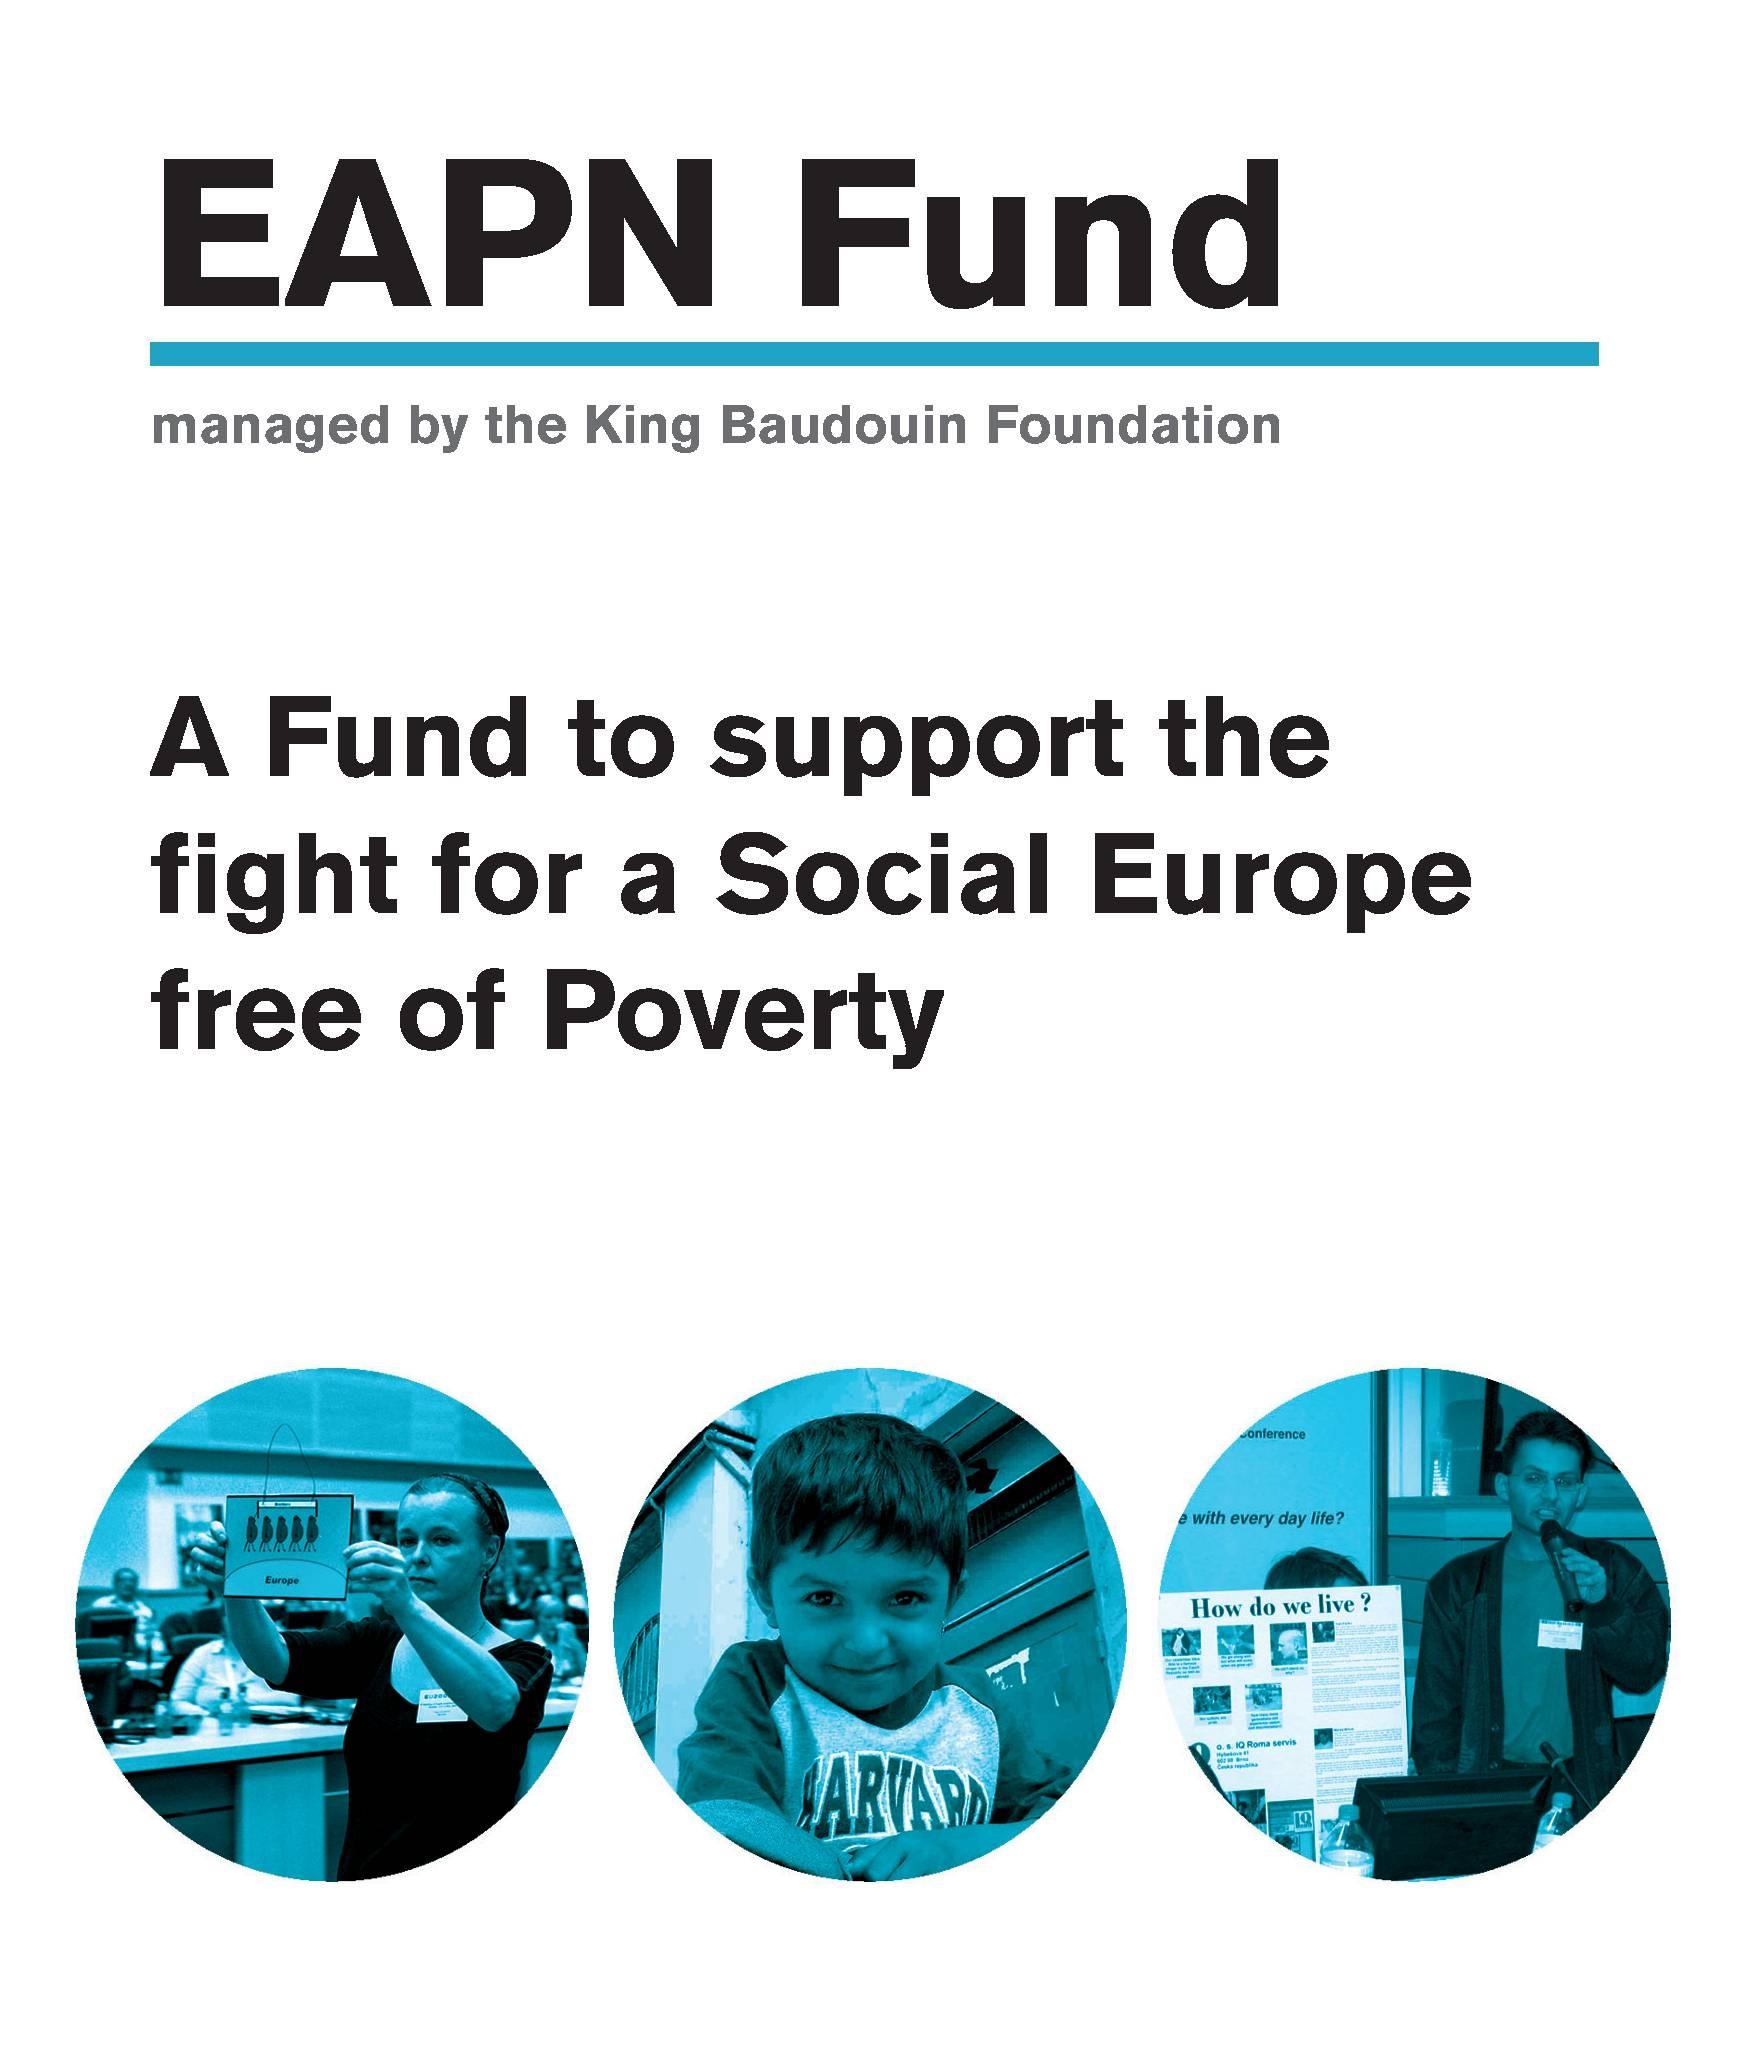 EAPN Fund leaflet 1st page